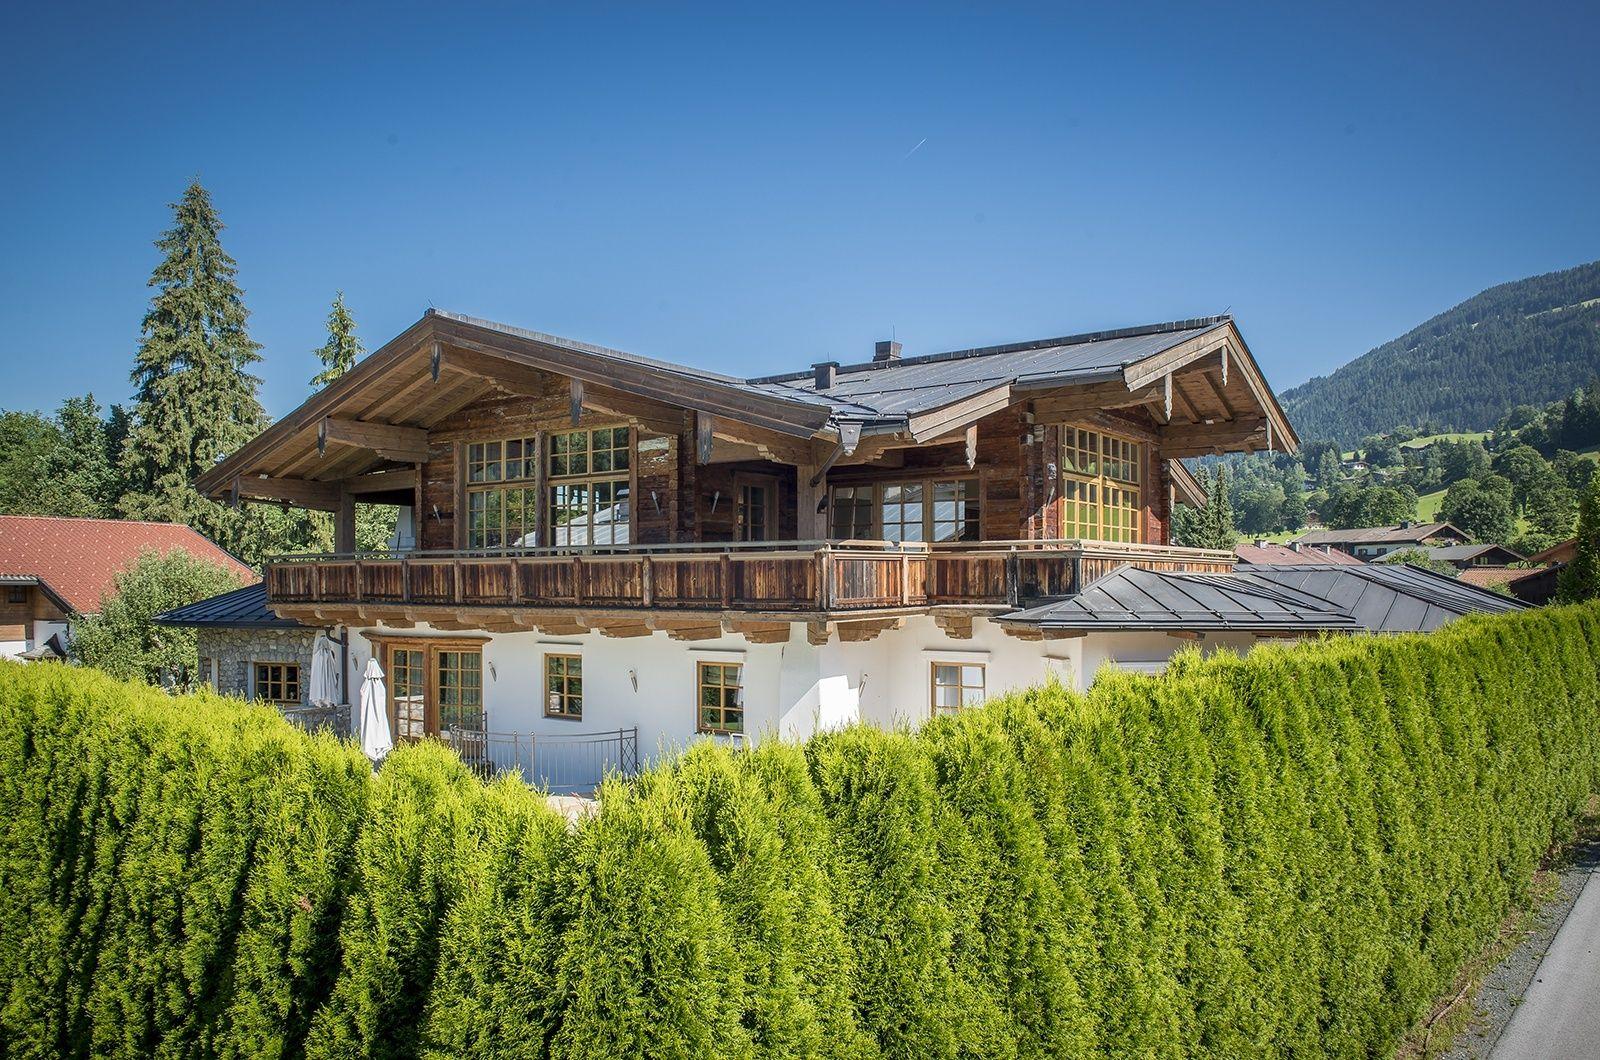 Chalet sun valley haus pinterest haus bauernhaus for Chalet haus bauen